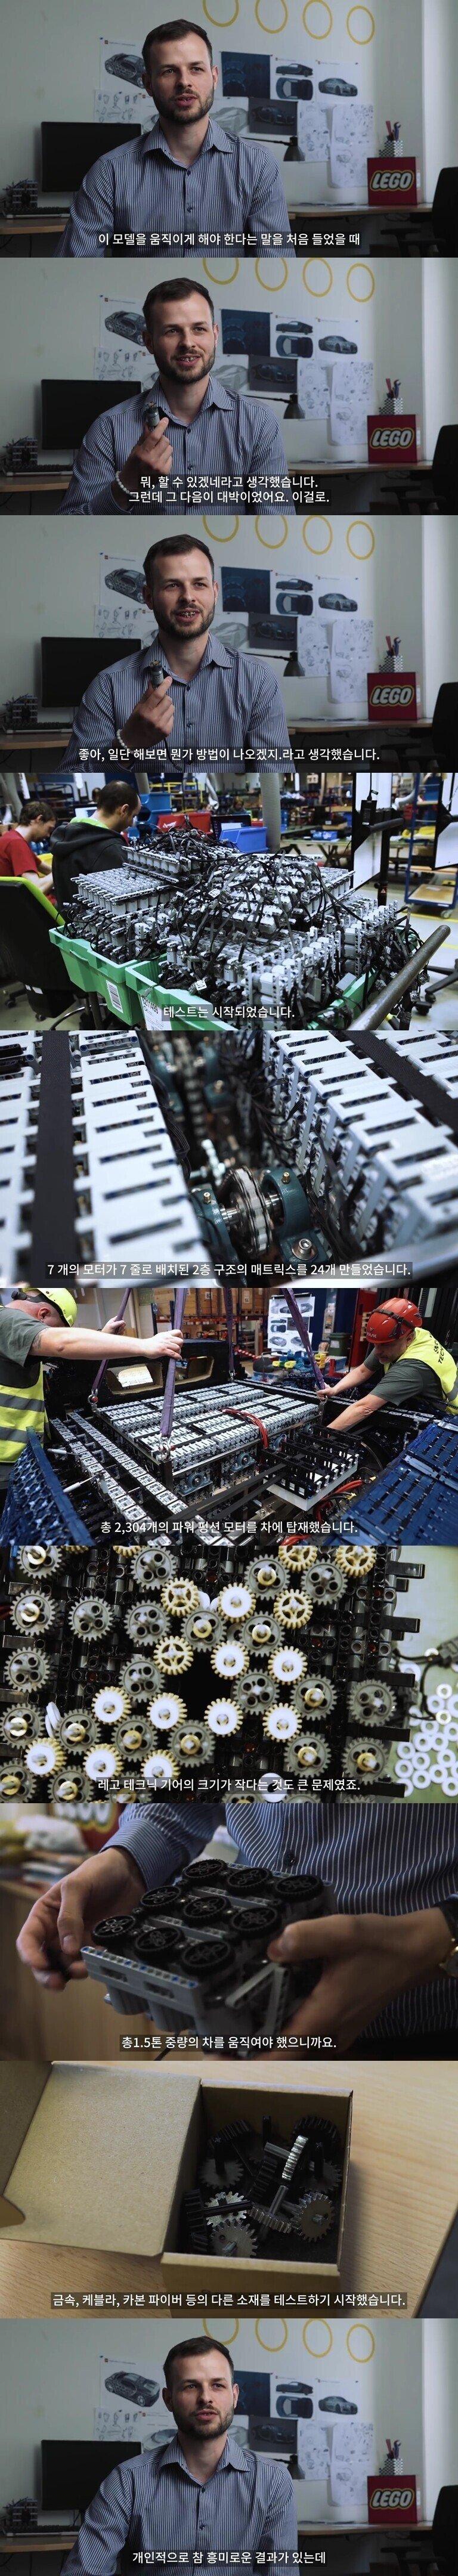 레고 테크닉 부가티 42083 - 불가능을 조립하다(다큐멘터리)-vert5.jpg 스압) 레고로 달리는 부가티를 만들다.Docu